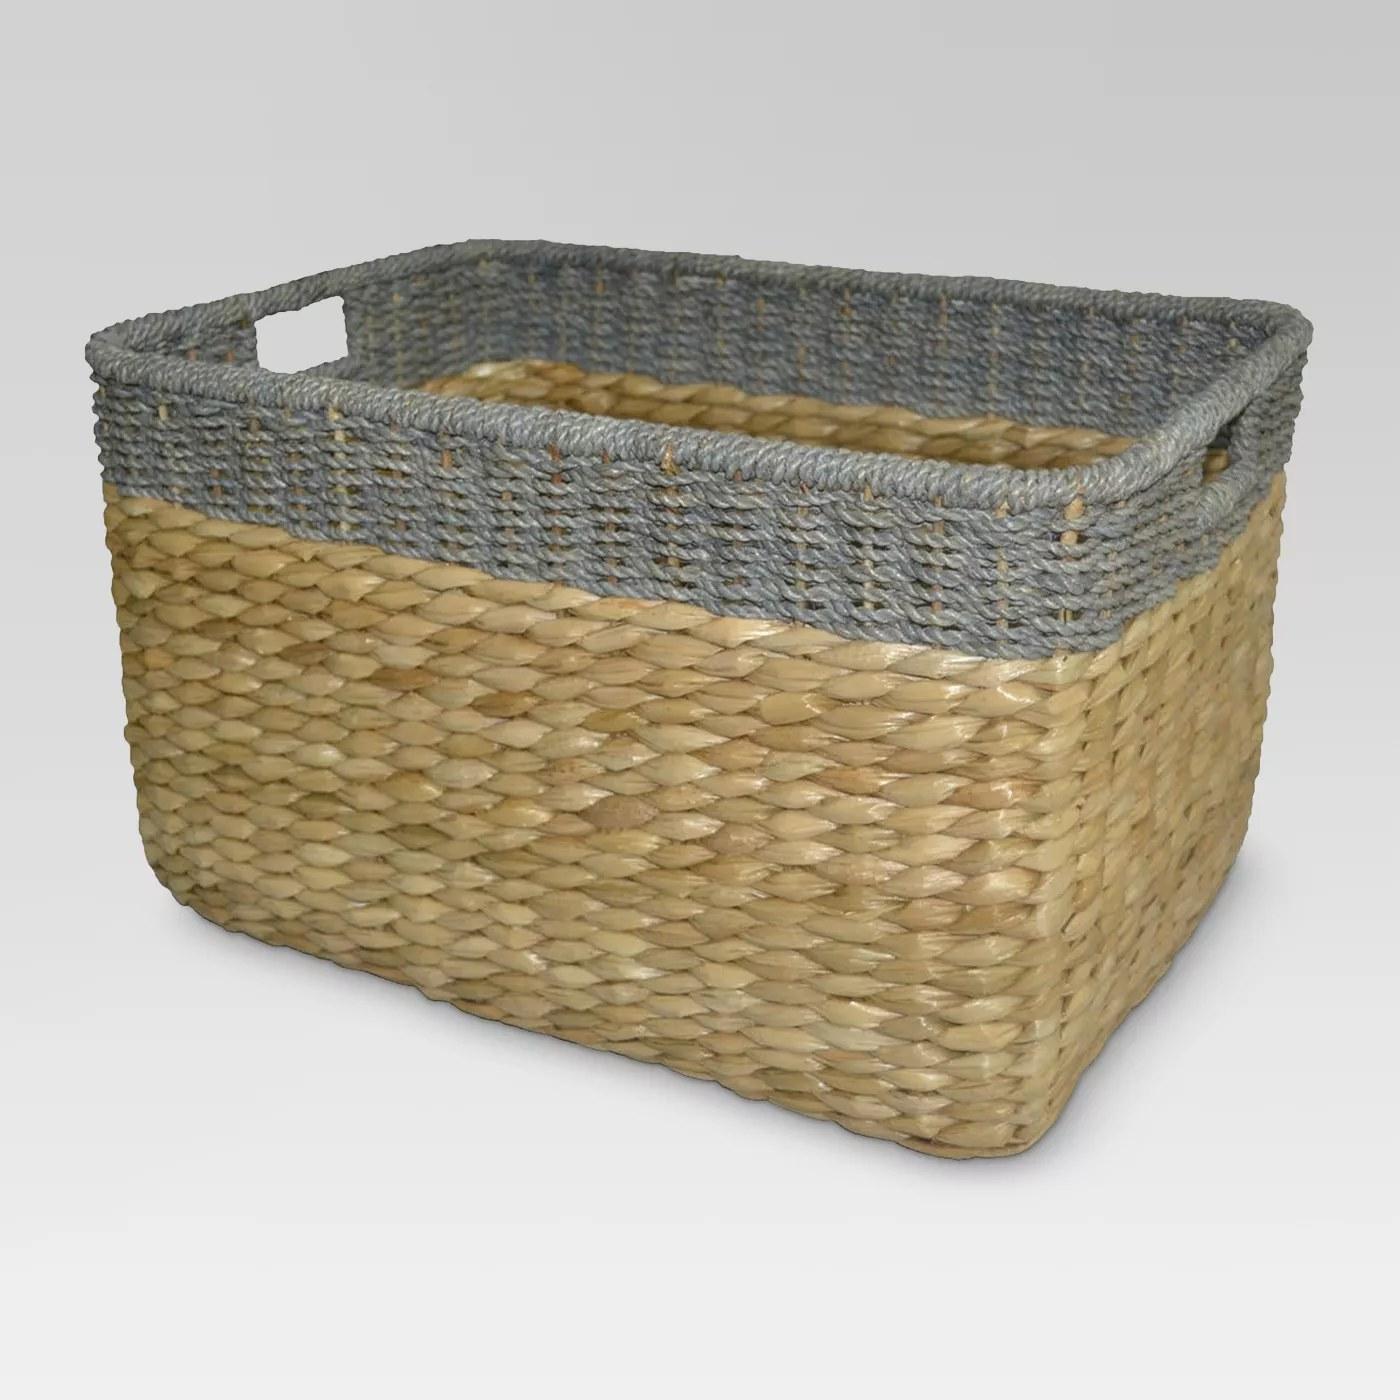 A basket